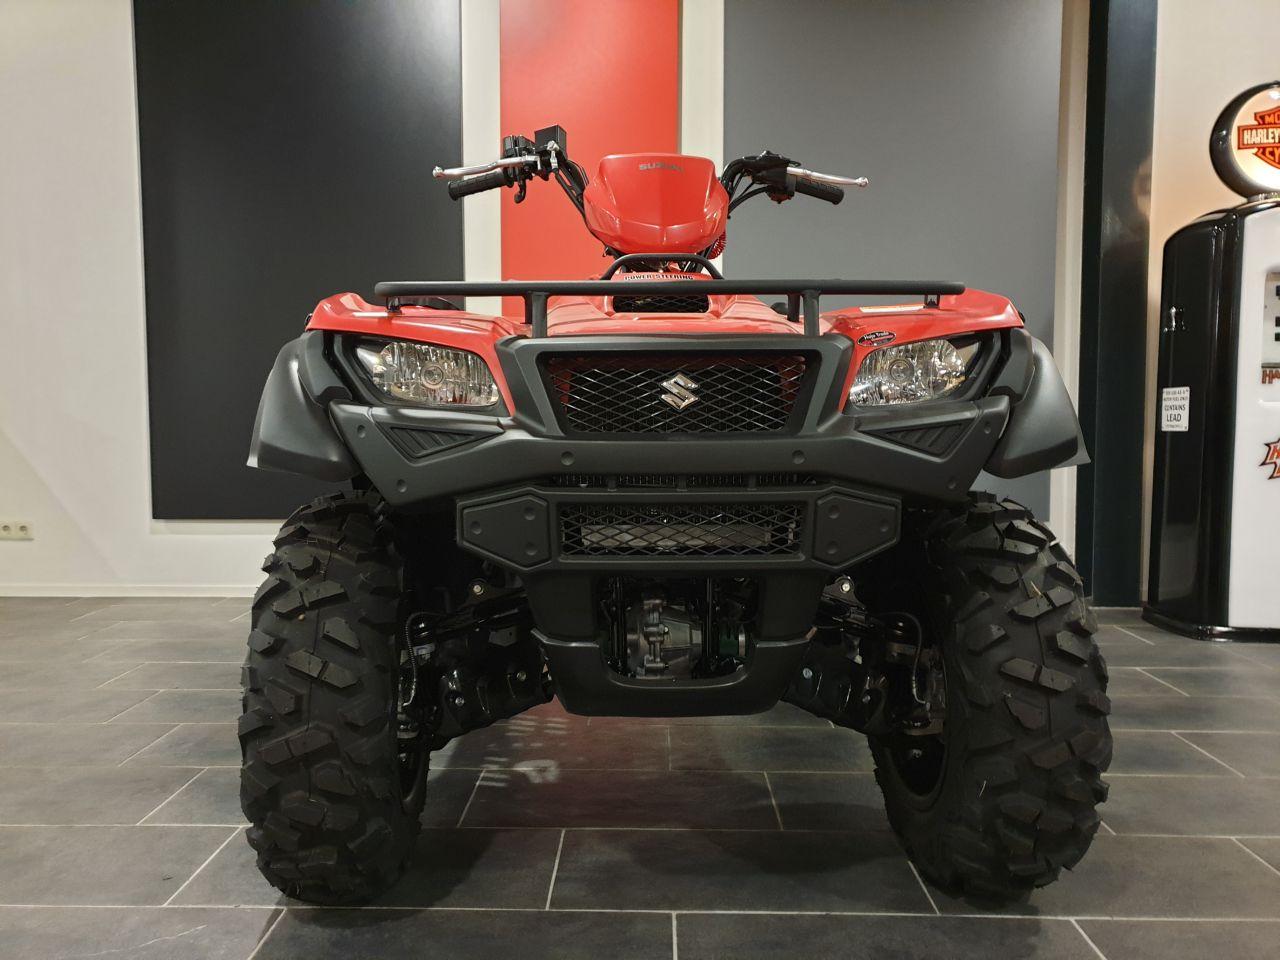 Suzuki Kingquad LTA750 AXi (nieuw, overjarig!) - landbouwquad